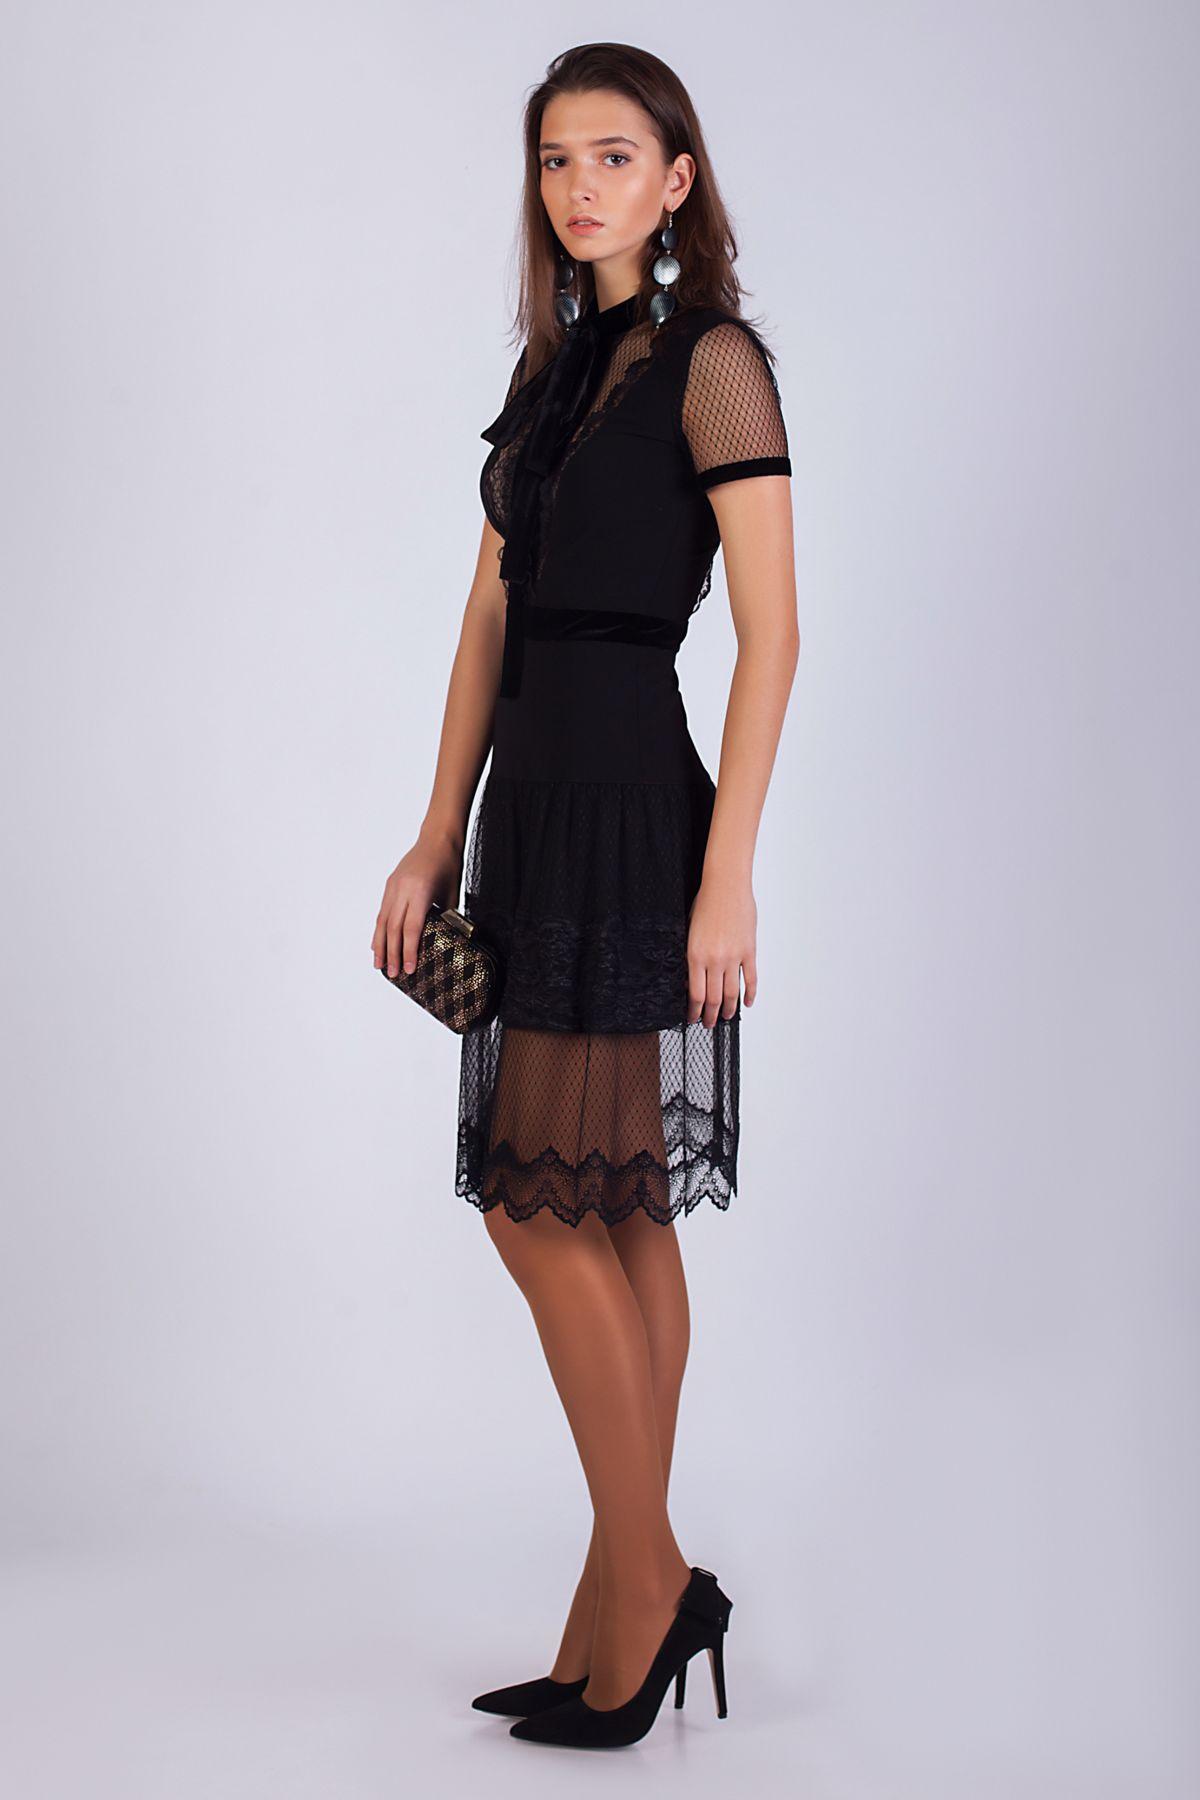 Купить дизайнерское короткое черное платье Roman Rush   Платье ... dd54cd6ad07